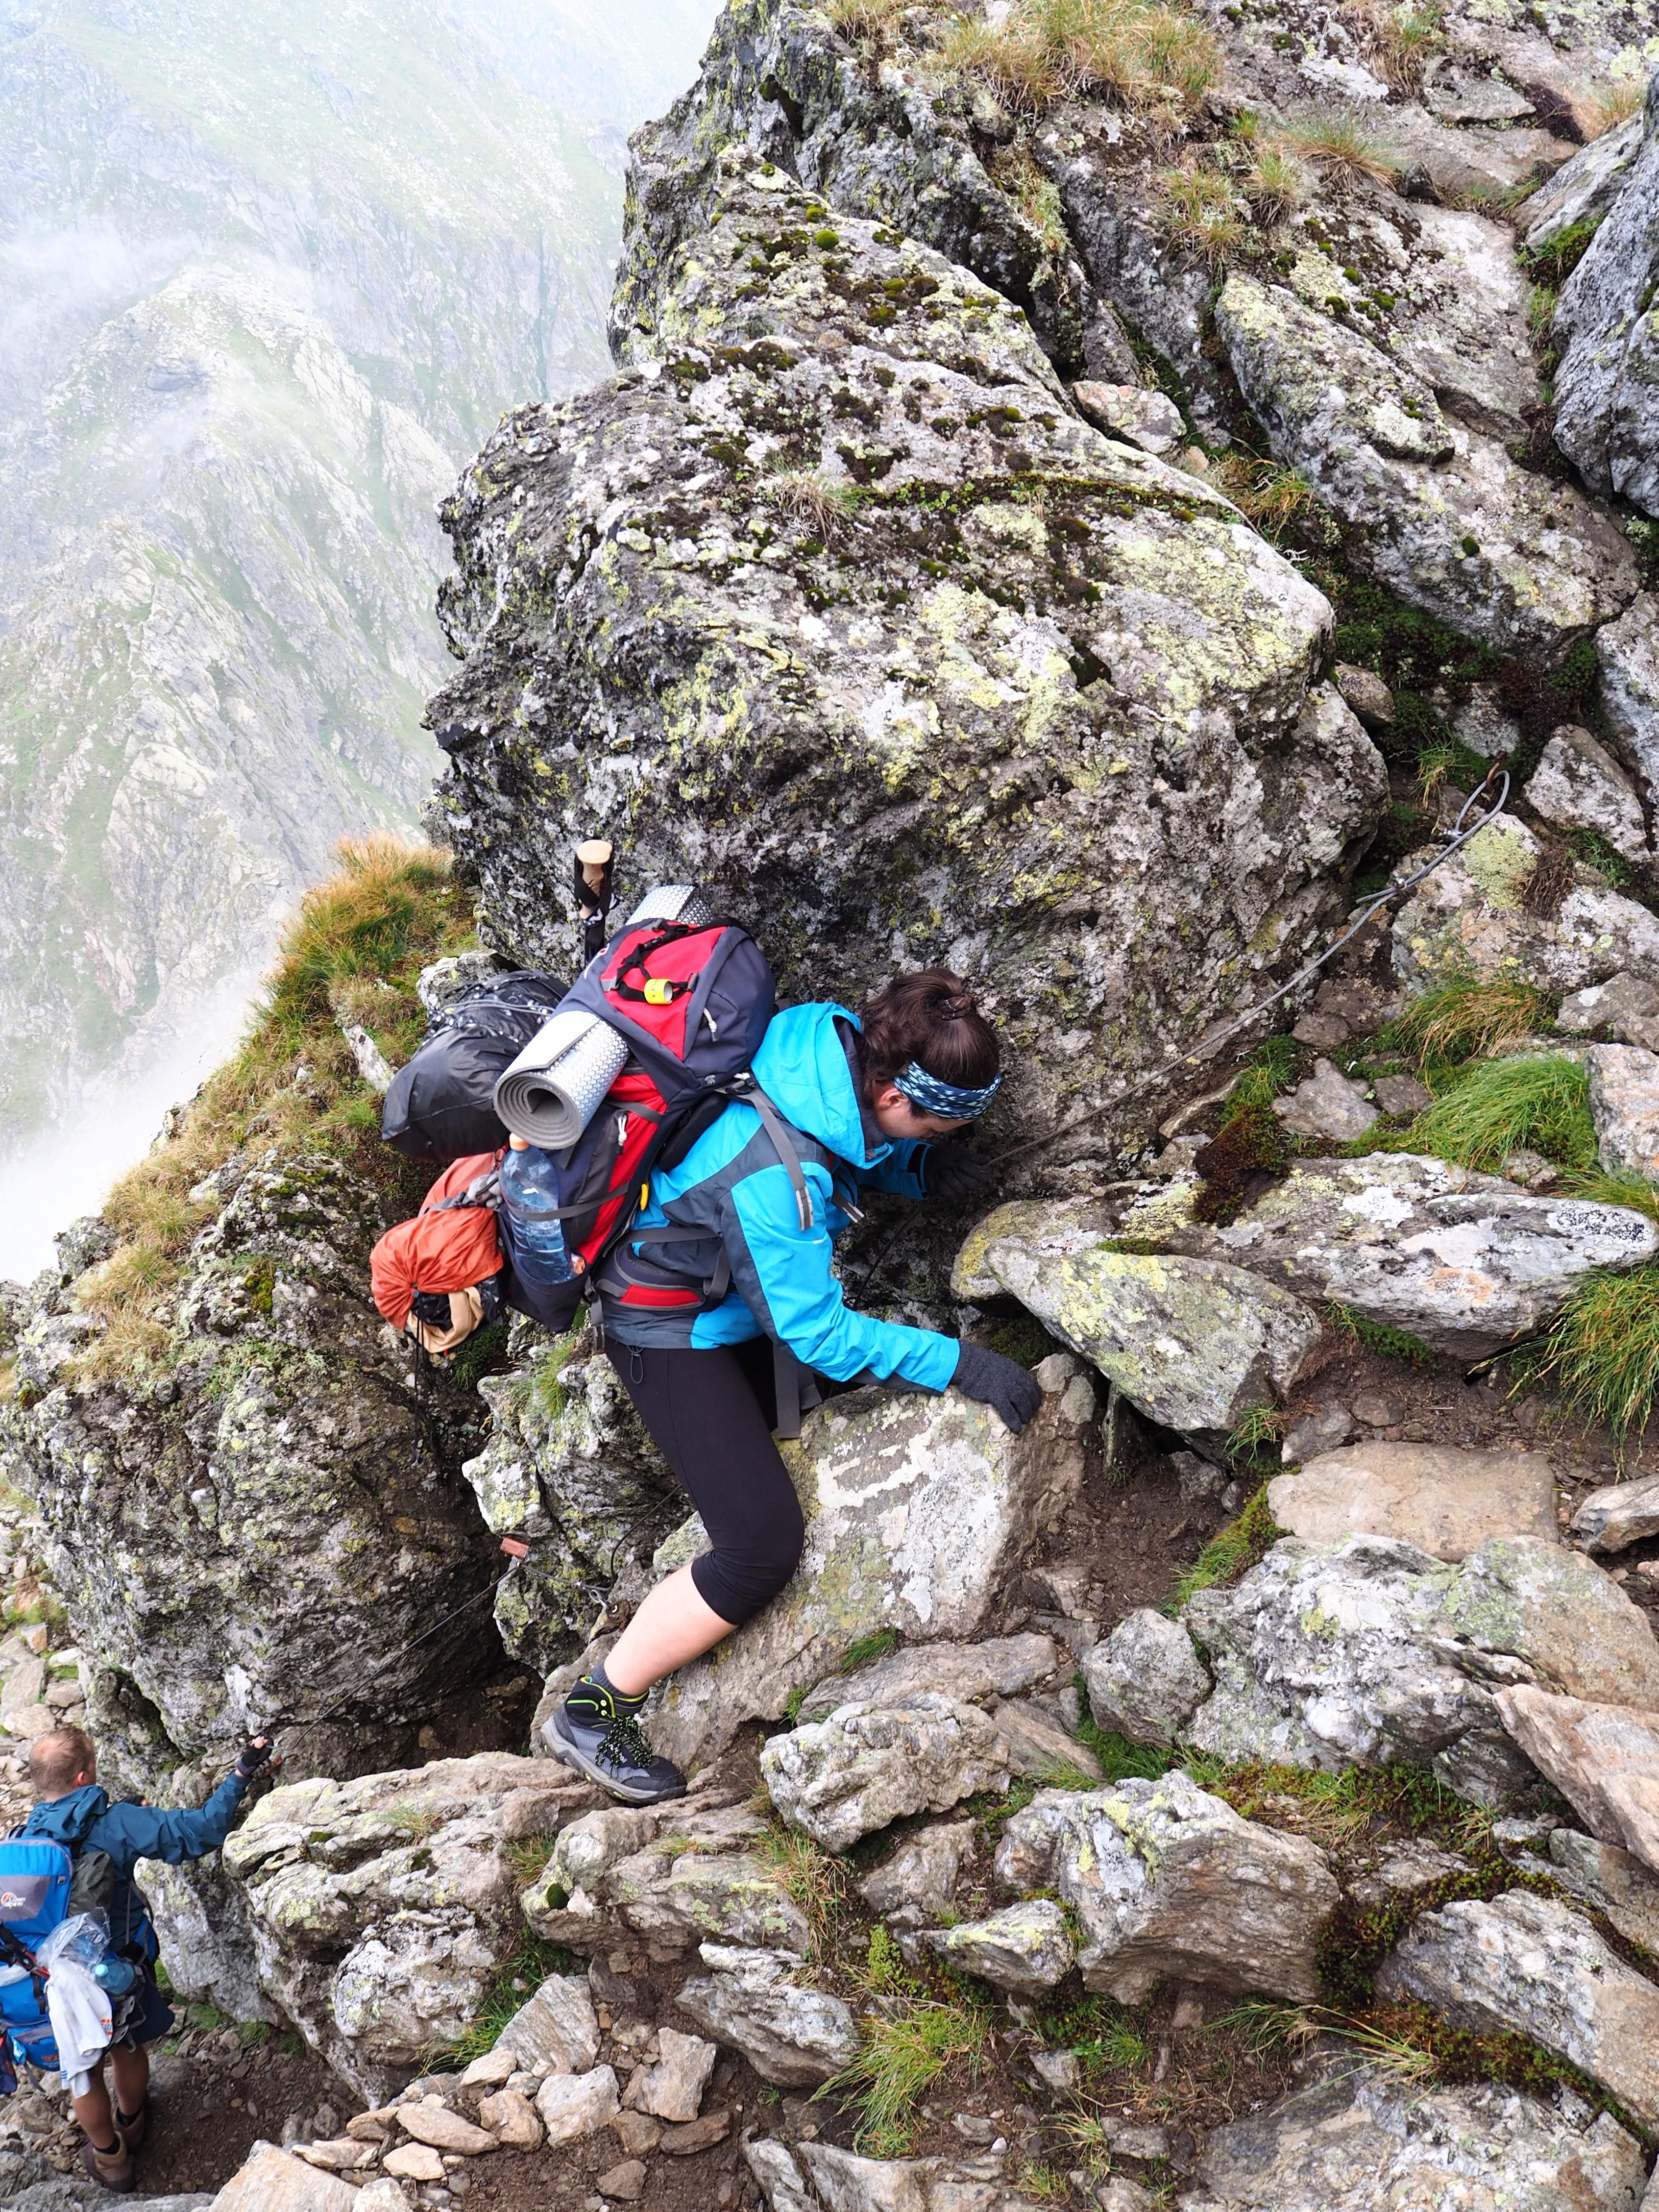 Strunga Cleopatrui, trudny technicznie szlak graniowy prowadzący na Negoiu. Pomimo 20 kg na plecach w skale szło się dobrze, Vibram pewnie trzymał.